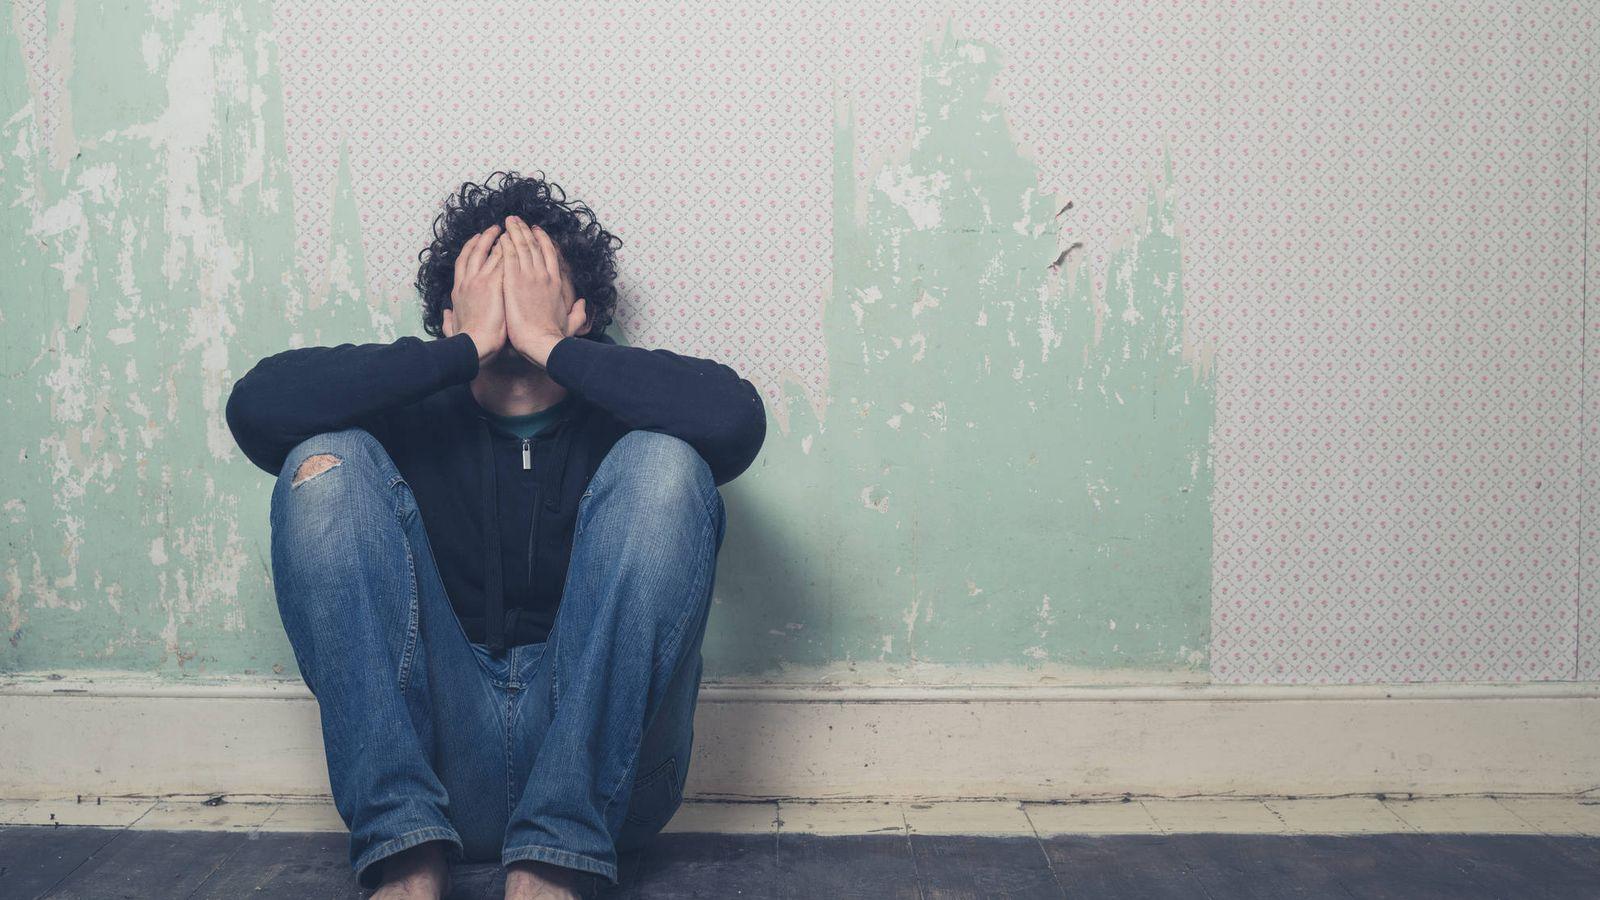 Salud: Depresión: los 7 síntomas de la enfermedad más común en los hombres. Y los ignoras